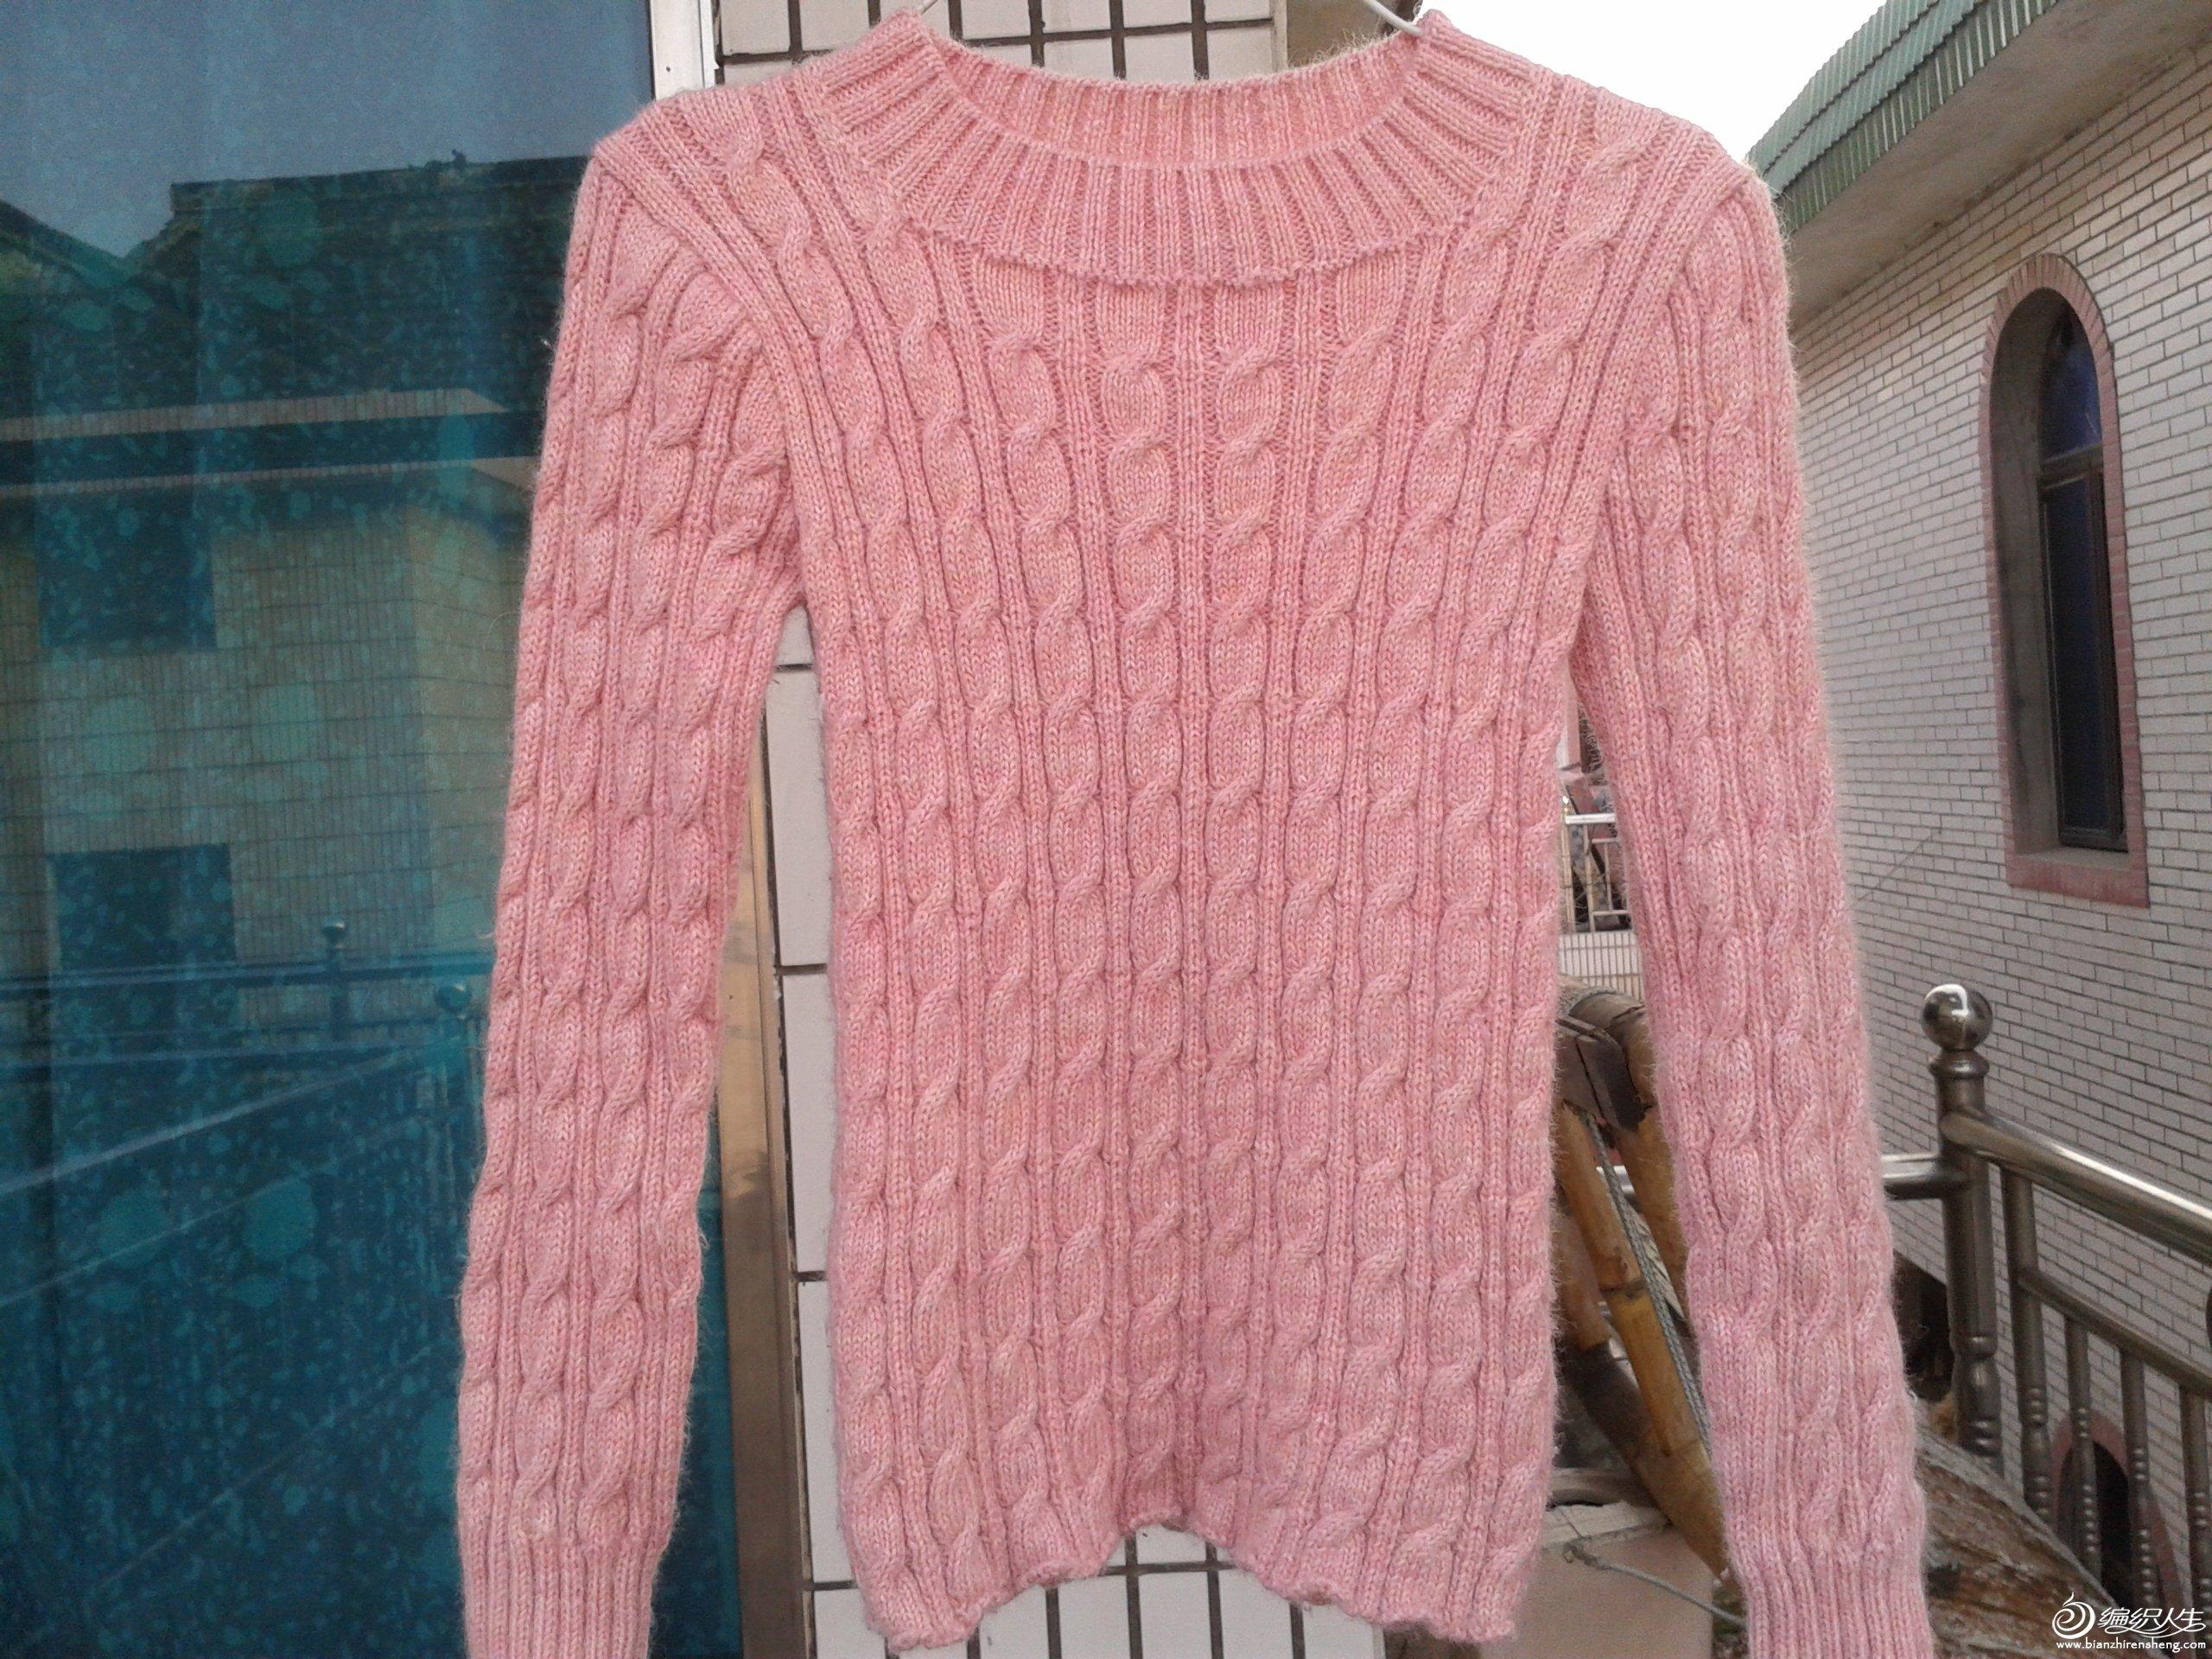 2012-03-21 女儿粉红麻花羊毛衫1.jpg